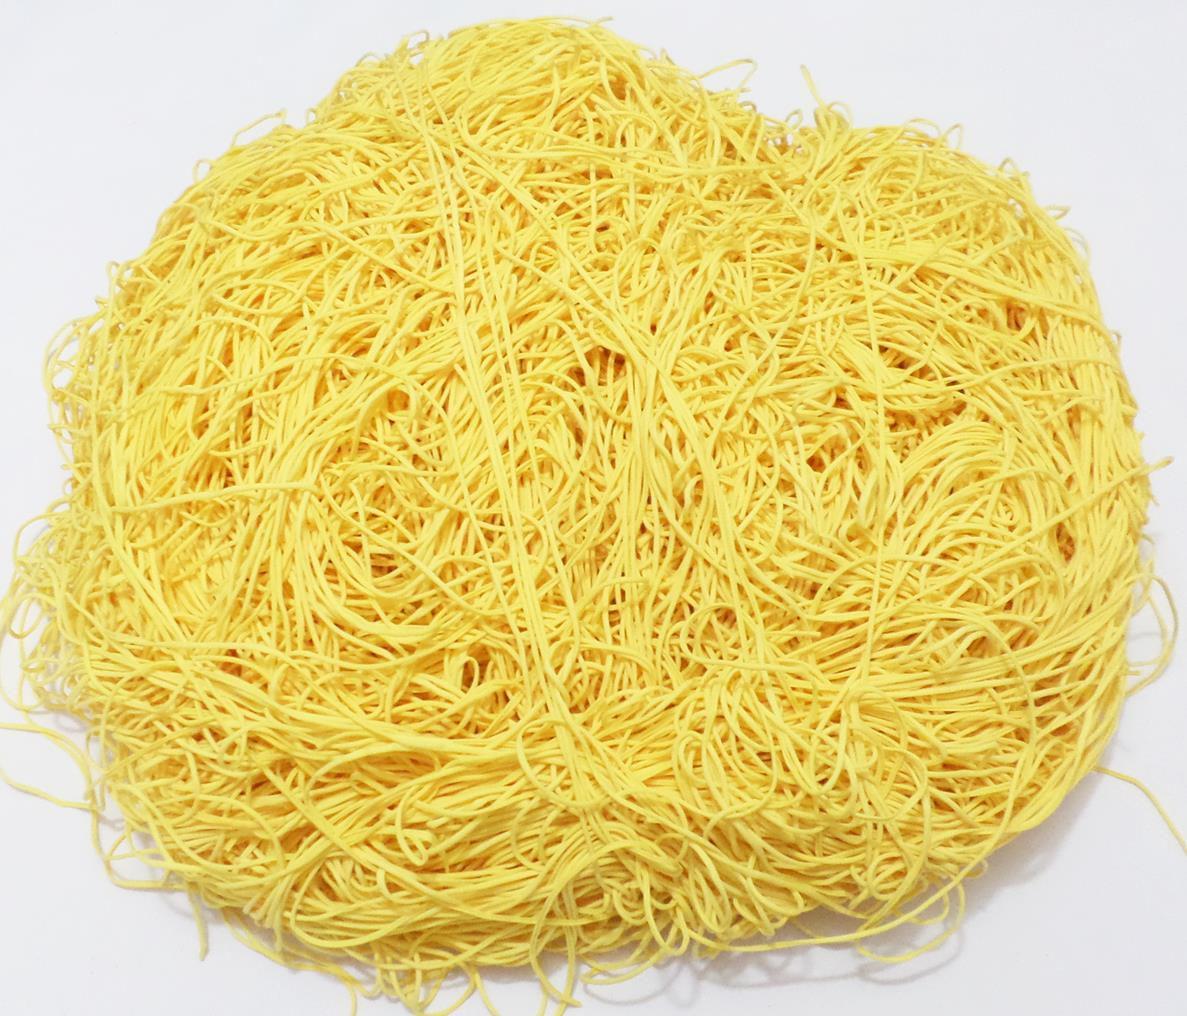 Tira de Macarrão/Espaguete 1.110g Amarelo